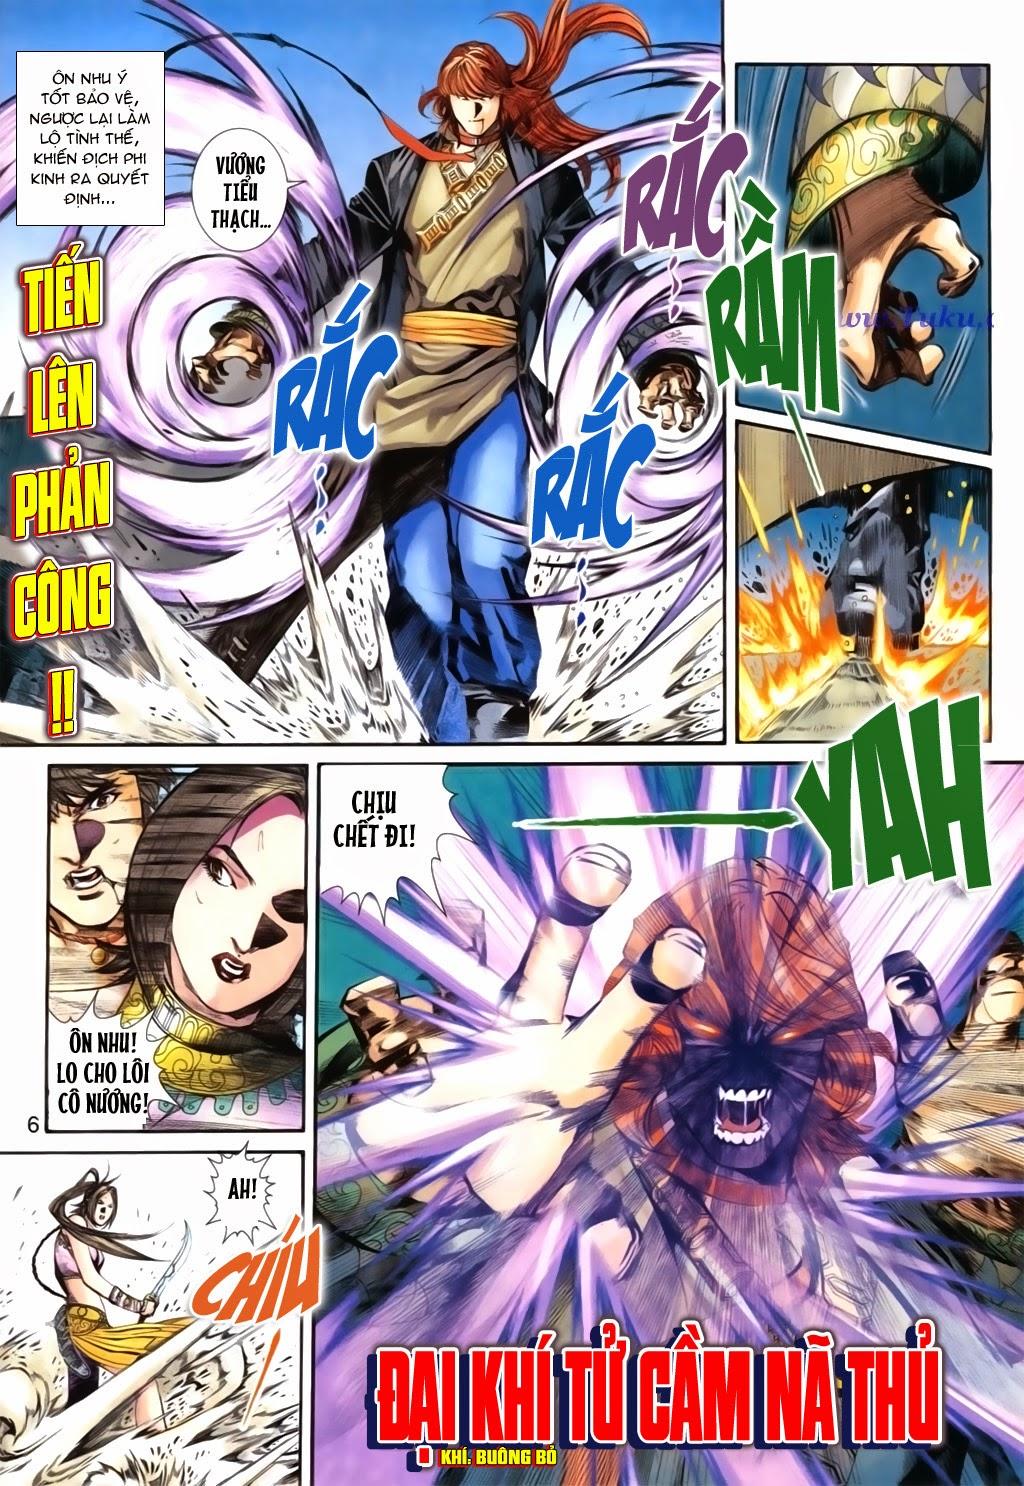 Thuyết Anh Hùng Thùy Thị Anh Hùng chap 16 Trang 7 - Mangak.info